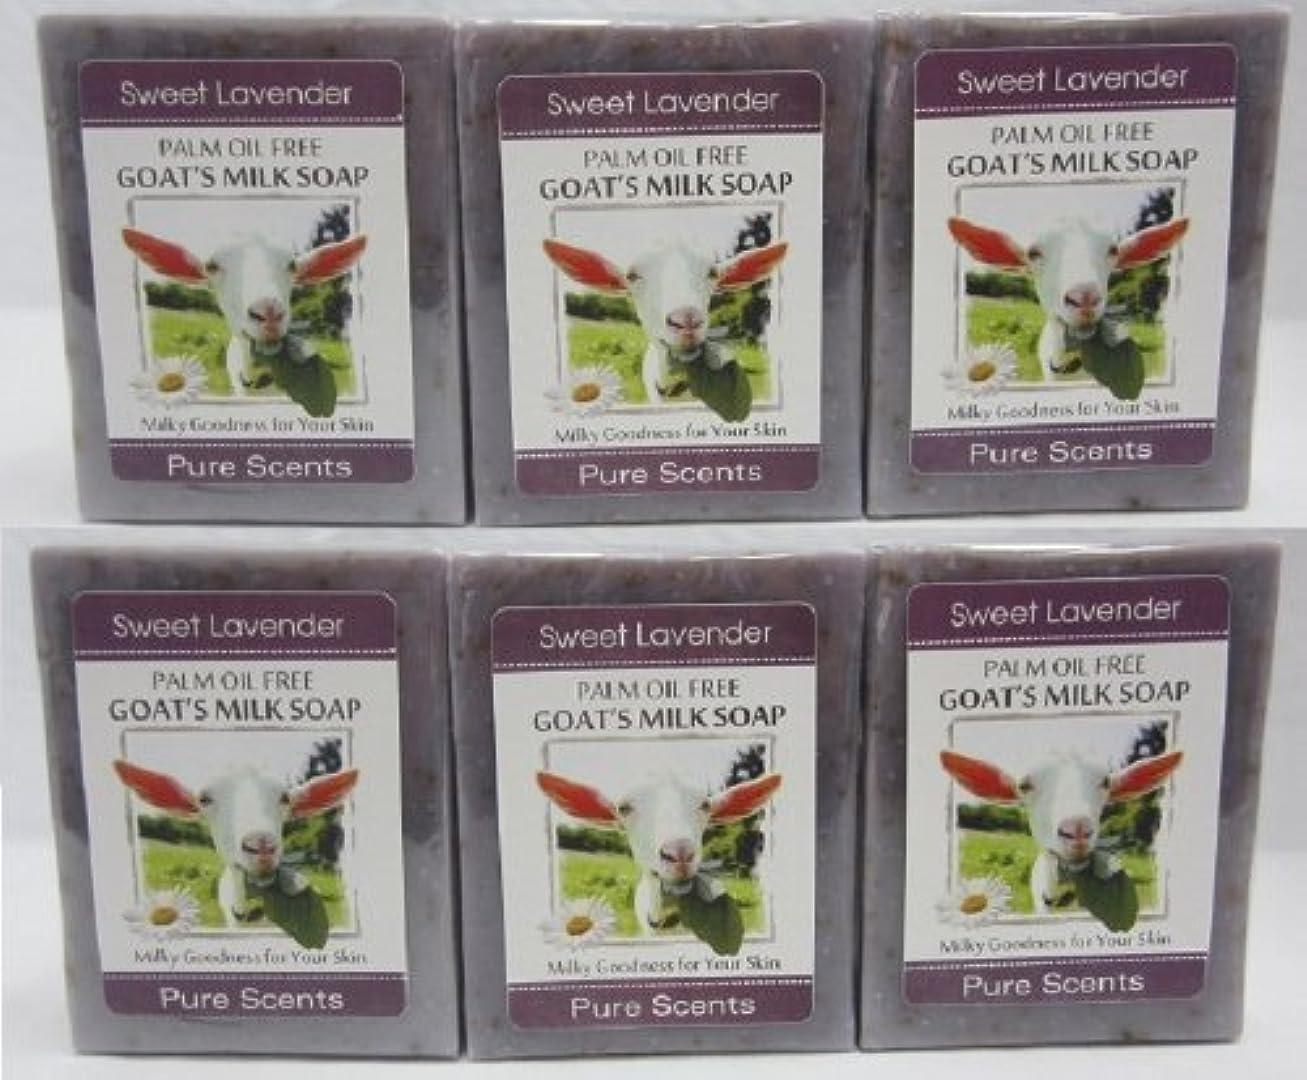 非難する専門口ひげ【Pure Scents】Goat's Milk Soap ヤギのミルクせっけん 6個セット Sweet Lavender スイートラベンダー